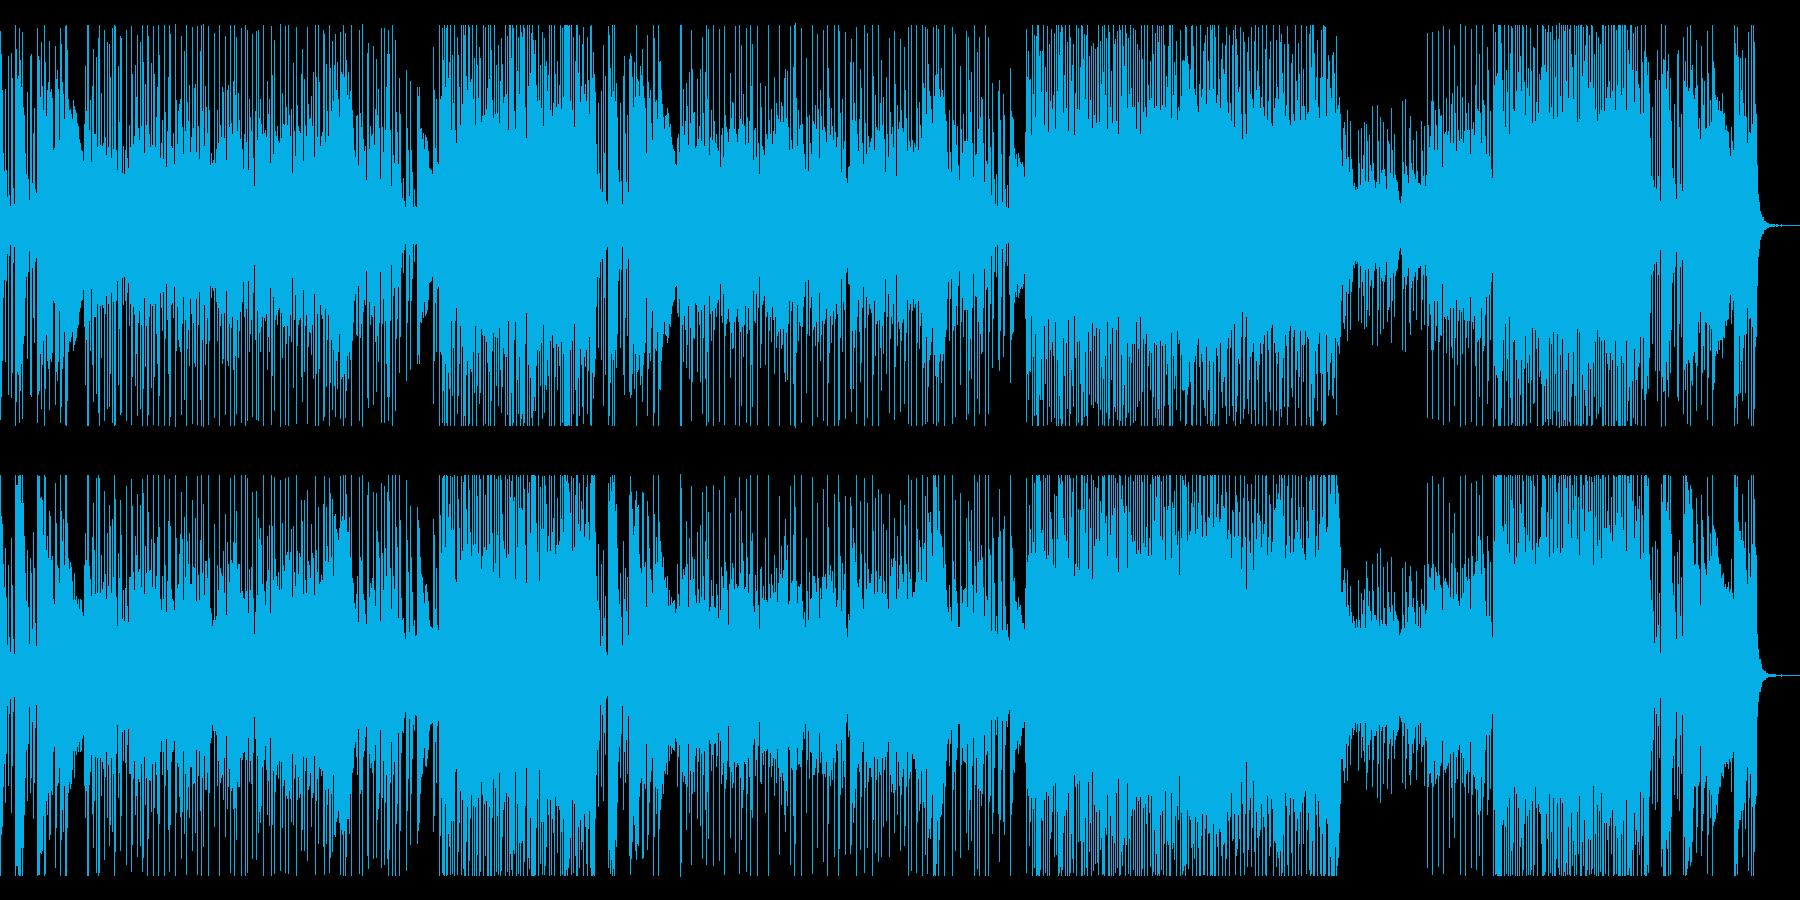 戦国時代をイメージした和風ロックの再生済みの波形